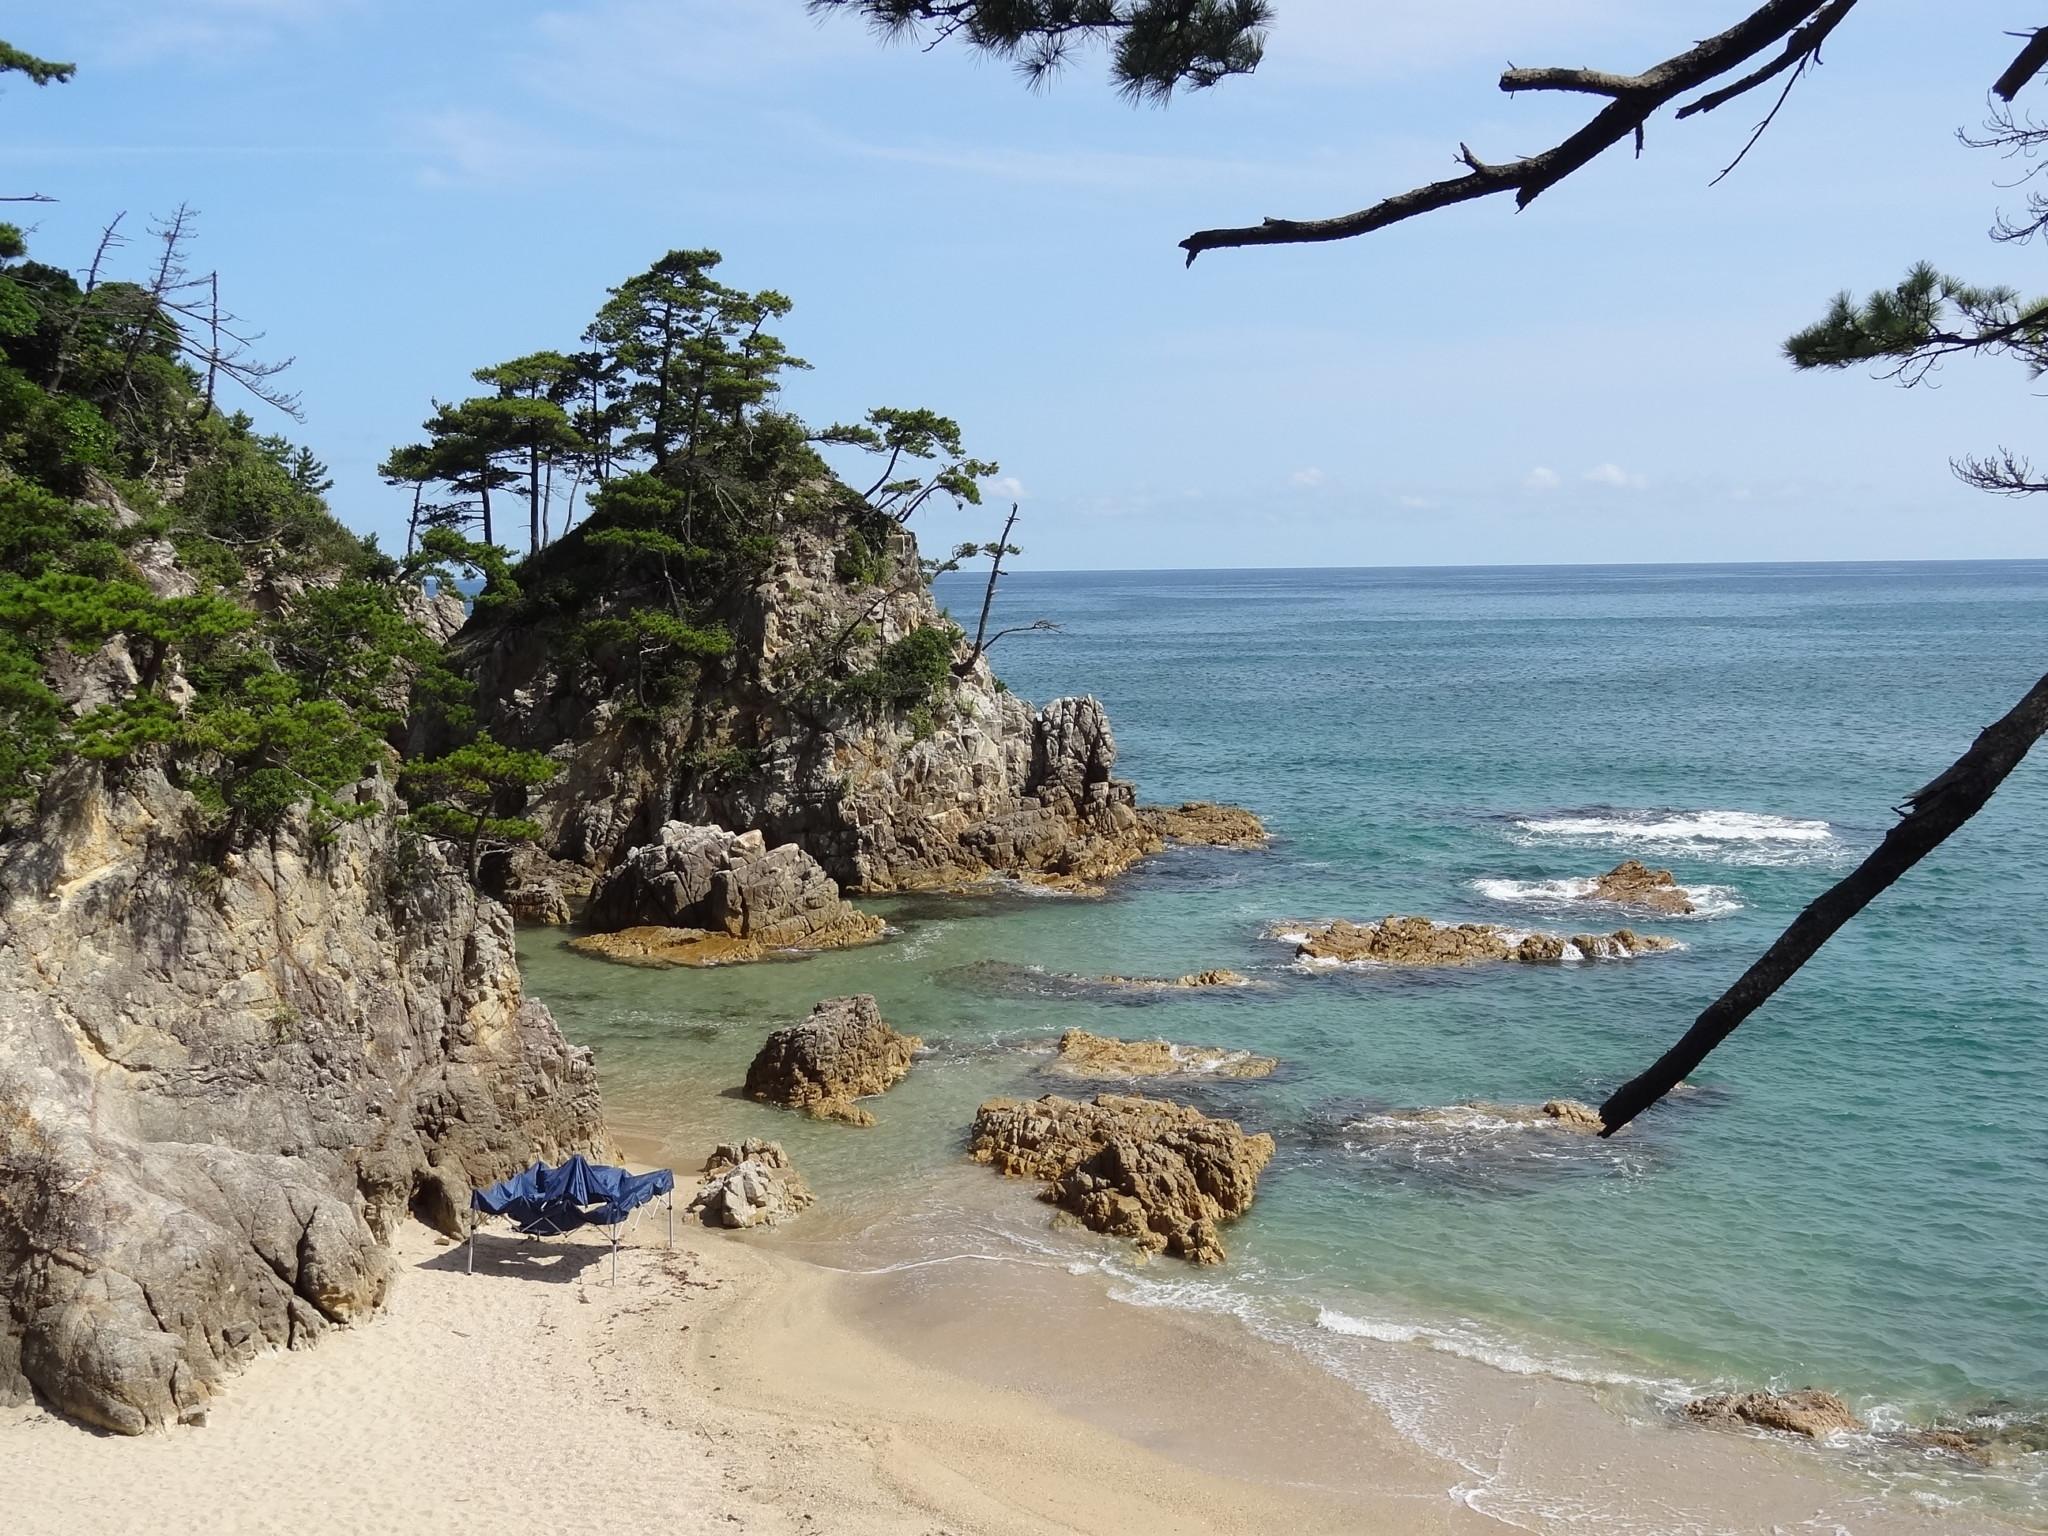 鳥取県の陸上海岸(くがみかいがん)